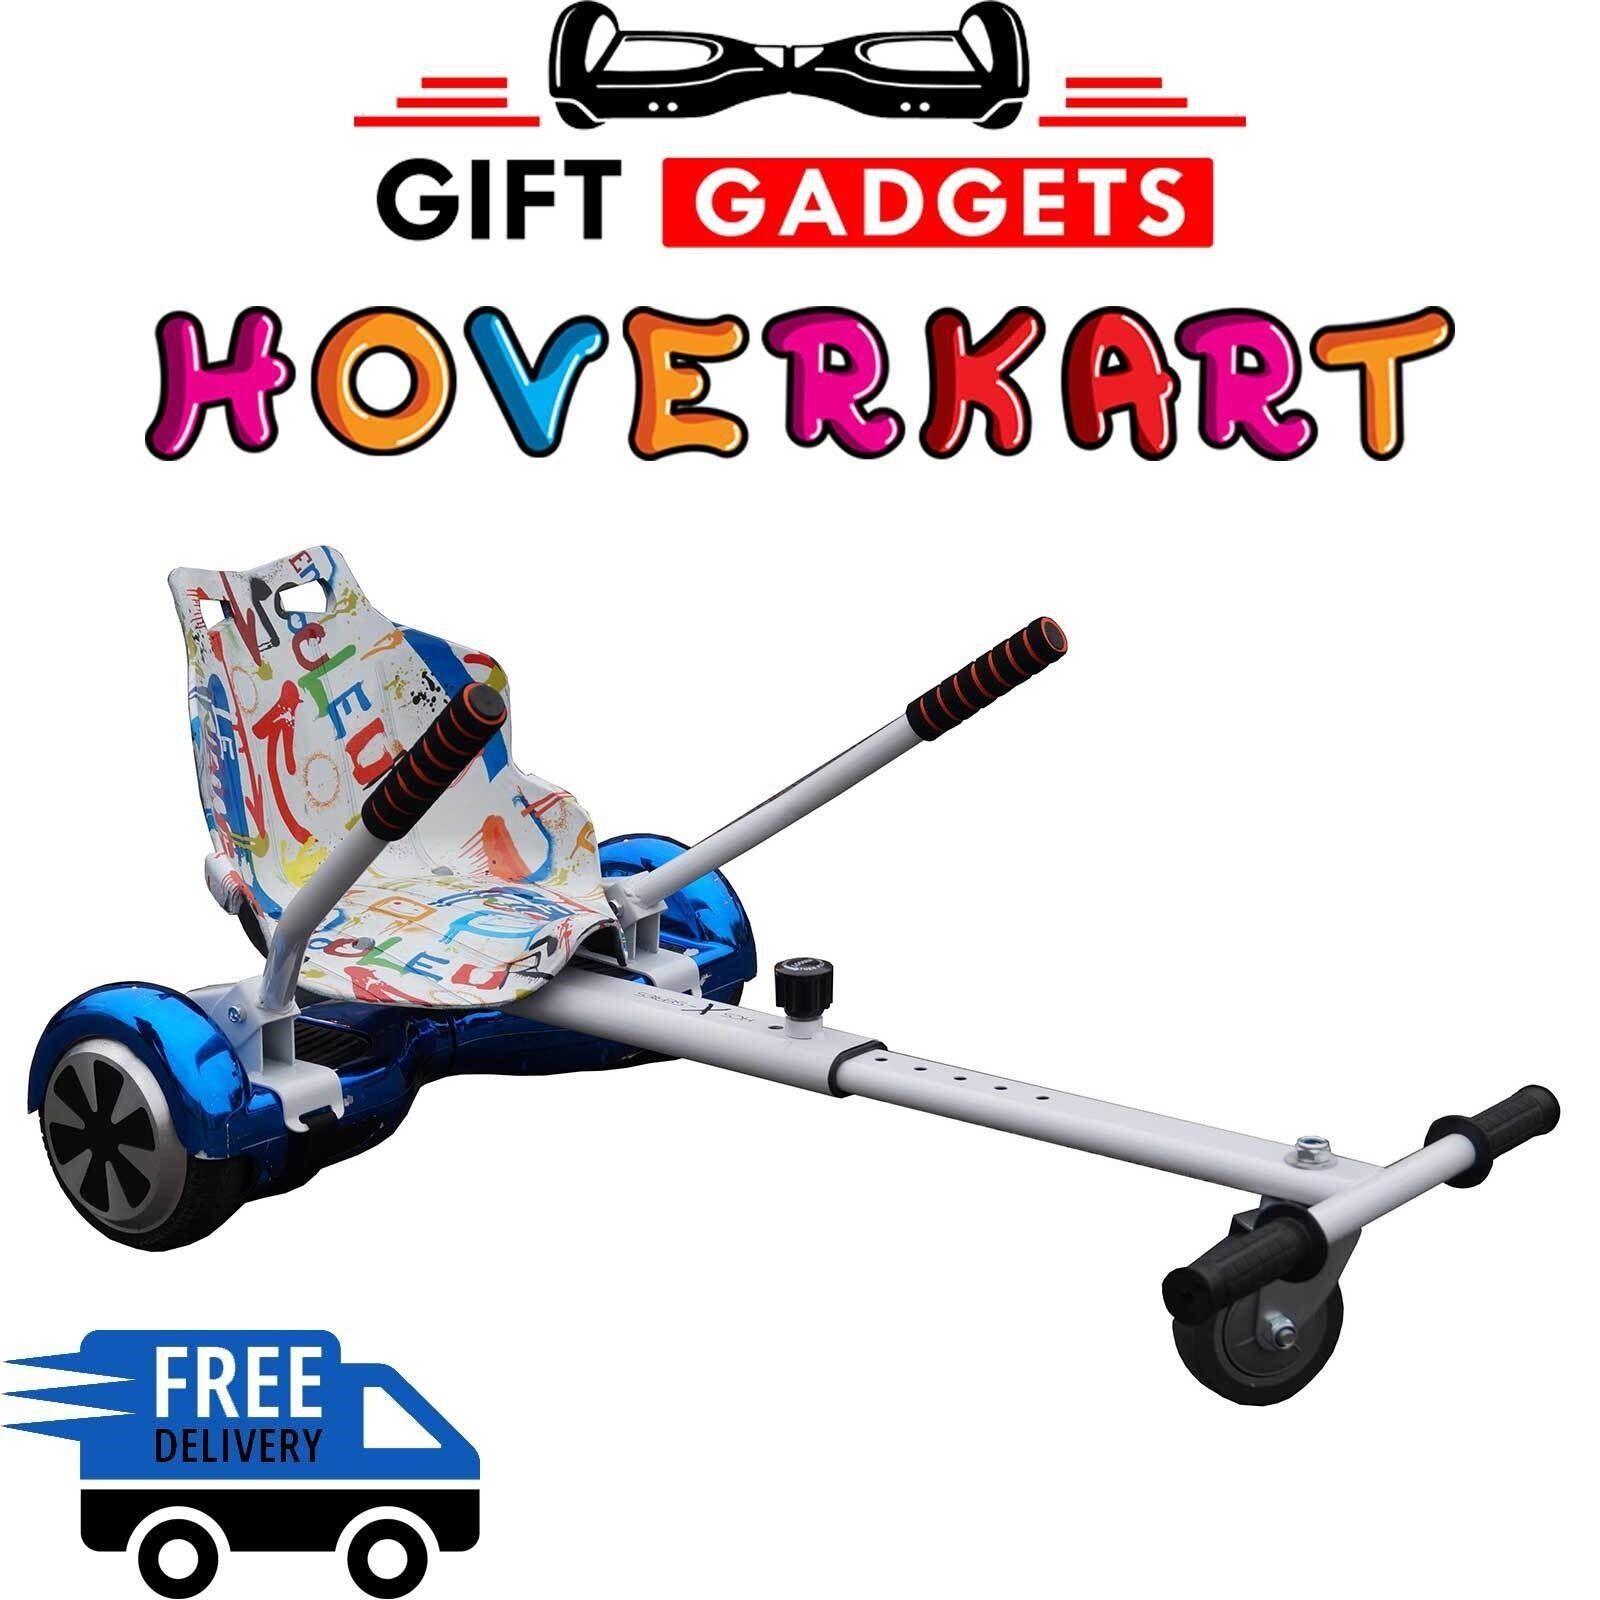 CHRISTMAS OFFER GRAFFITI WHITE Hoverkart GoKart Hover Kart For Balance Board